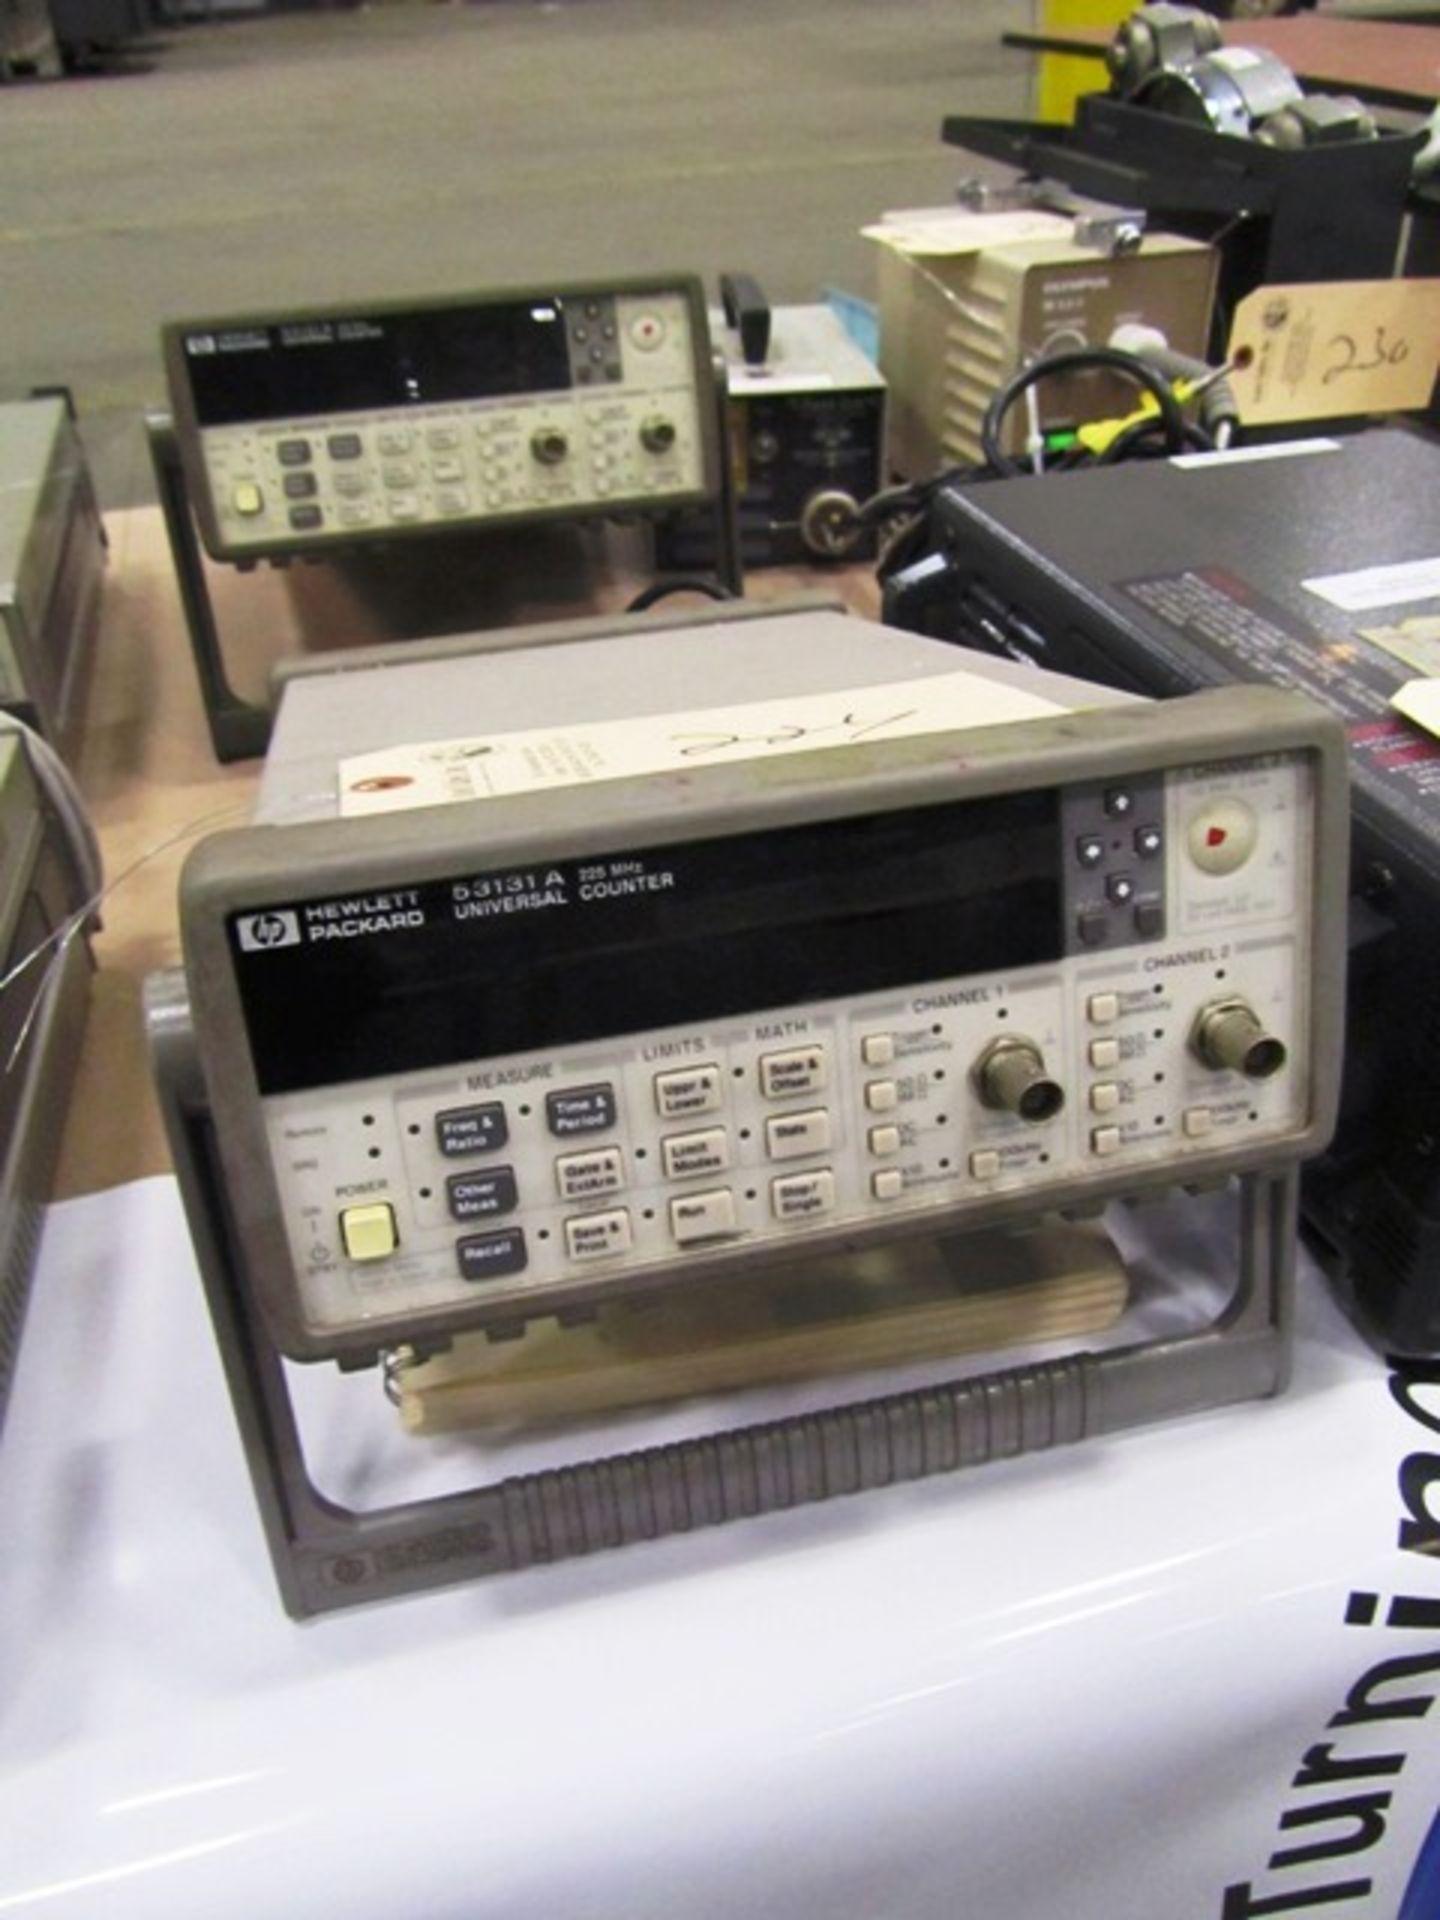 Hewlett Packard 53131A Universal Counter